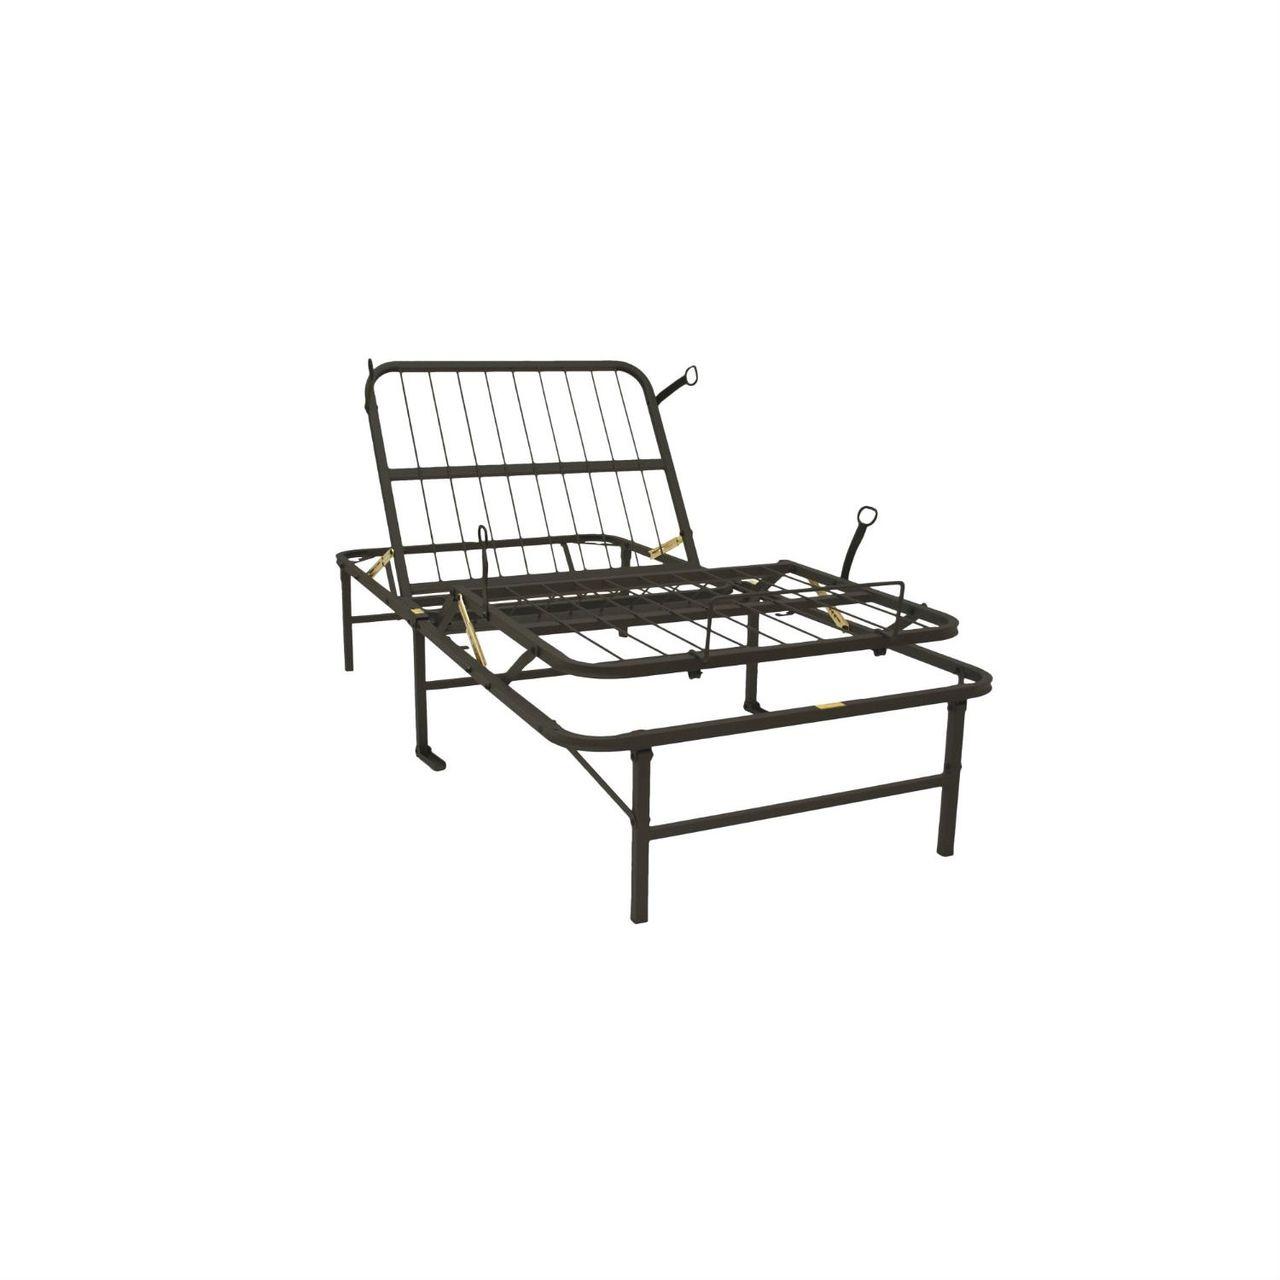 Best Twin Xl Metal Platform Bed Frame Manual Adjustable Bed 400 x 300